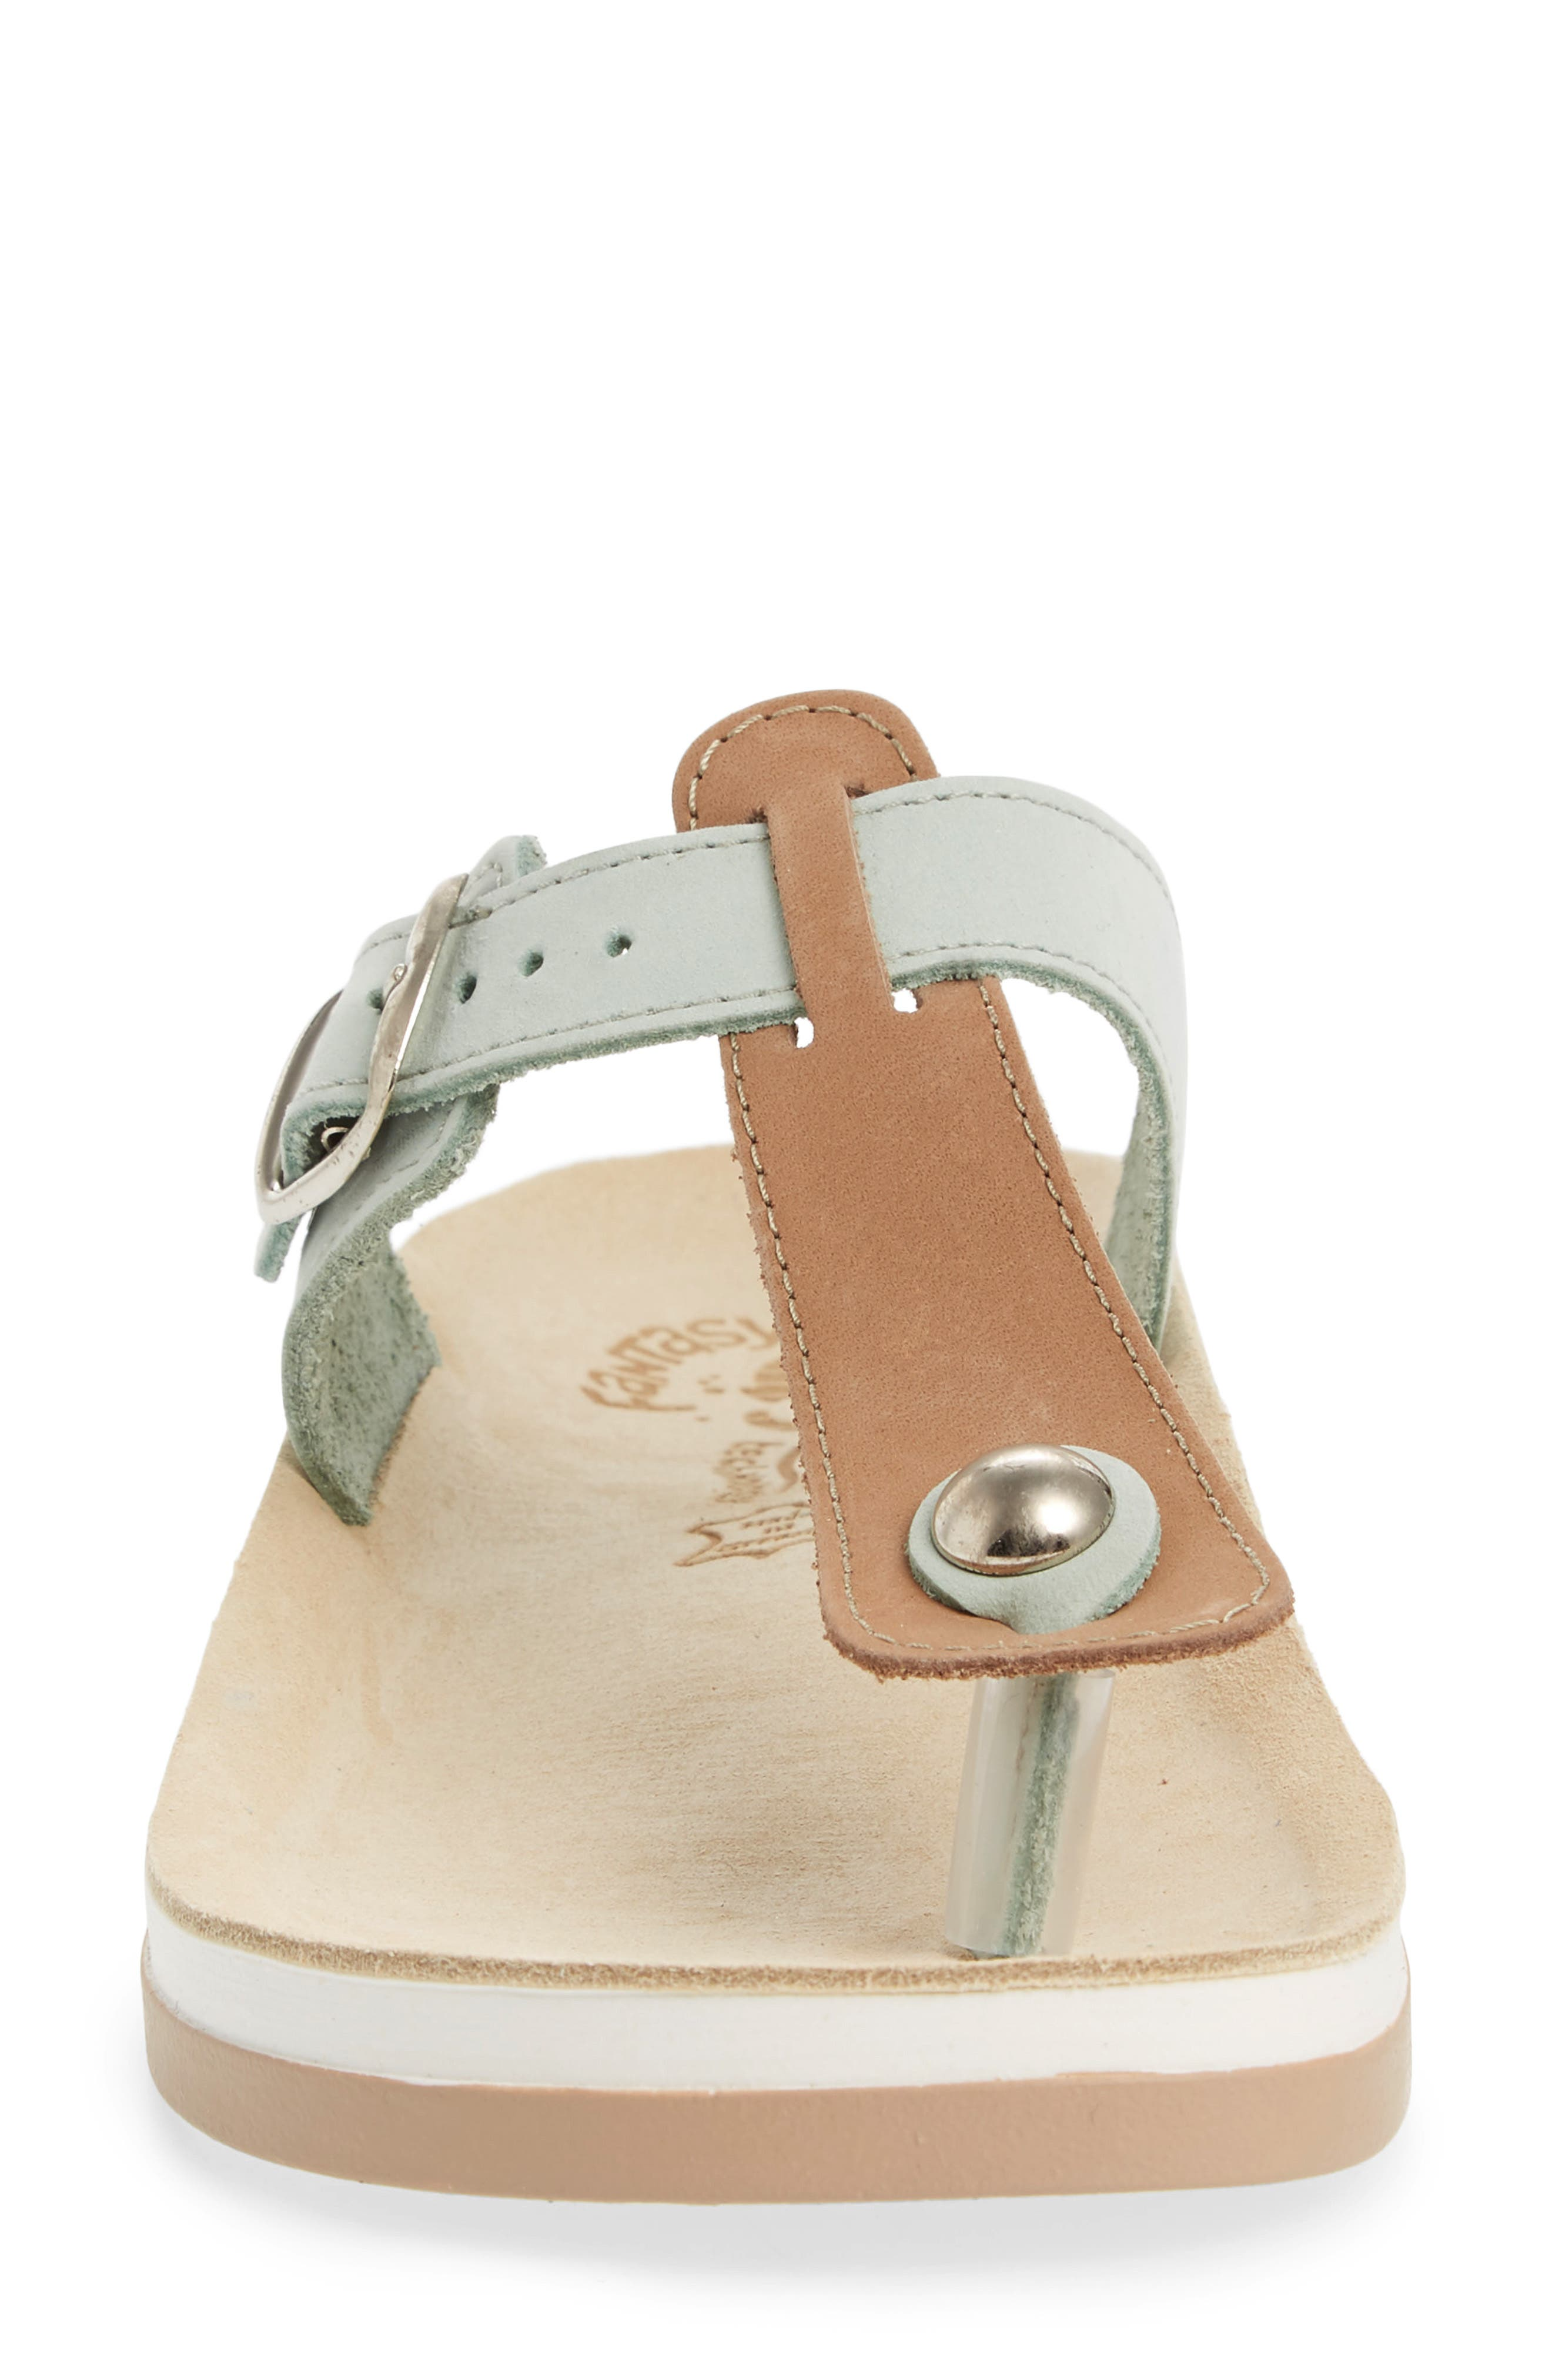 Viola Sandal,                             Alternate thumbnail 4, color,                             Pistachio Beige Leather